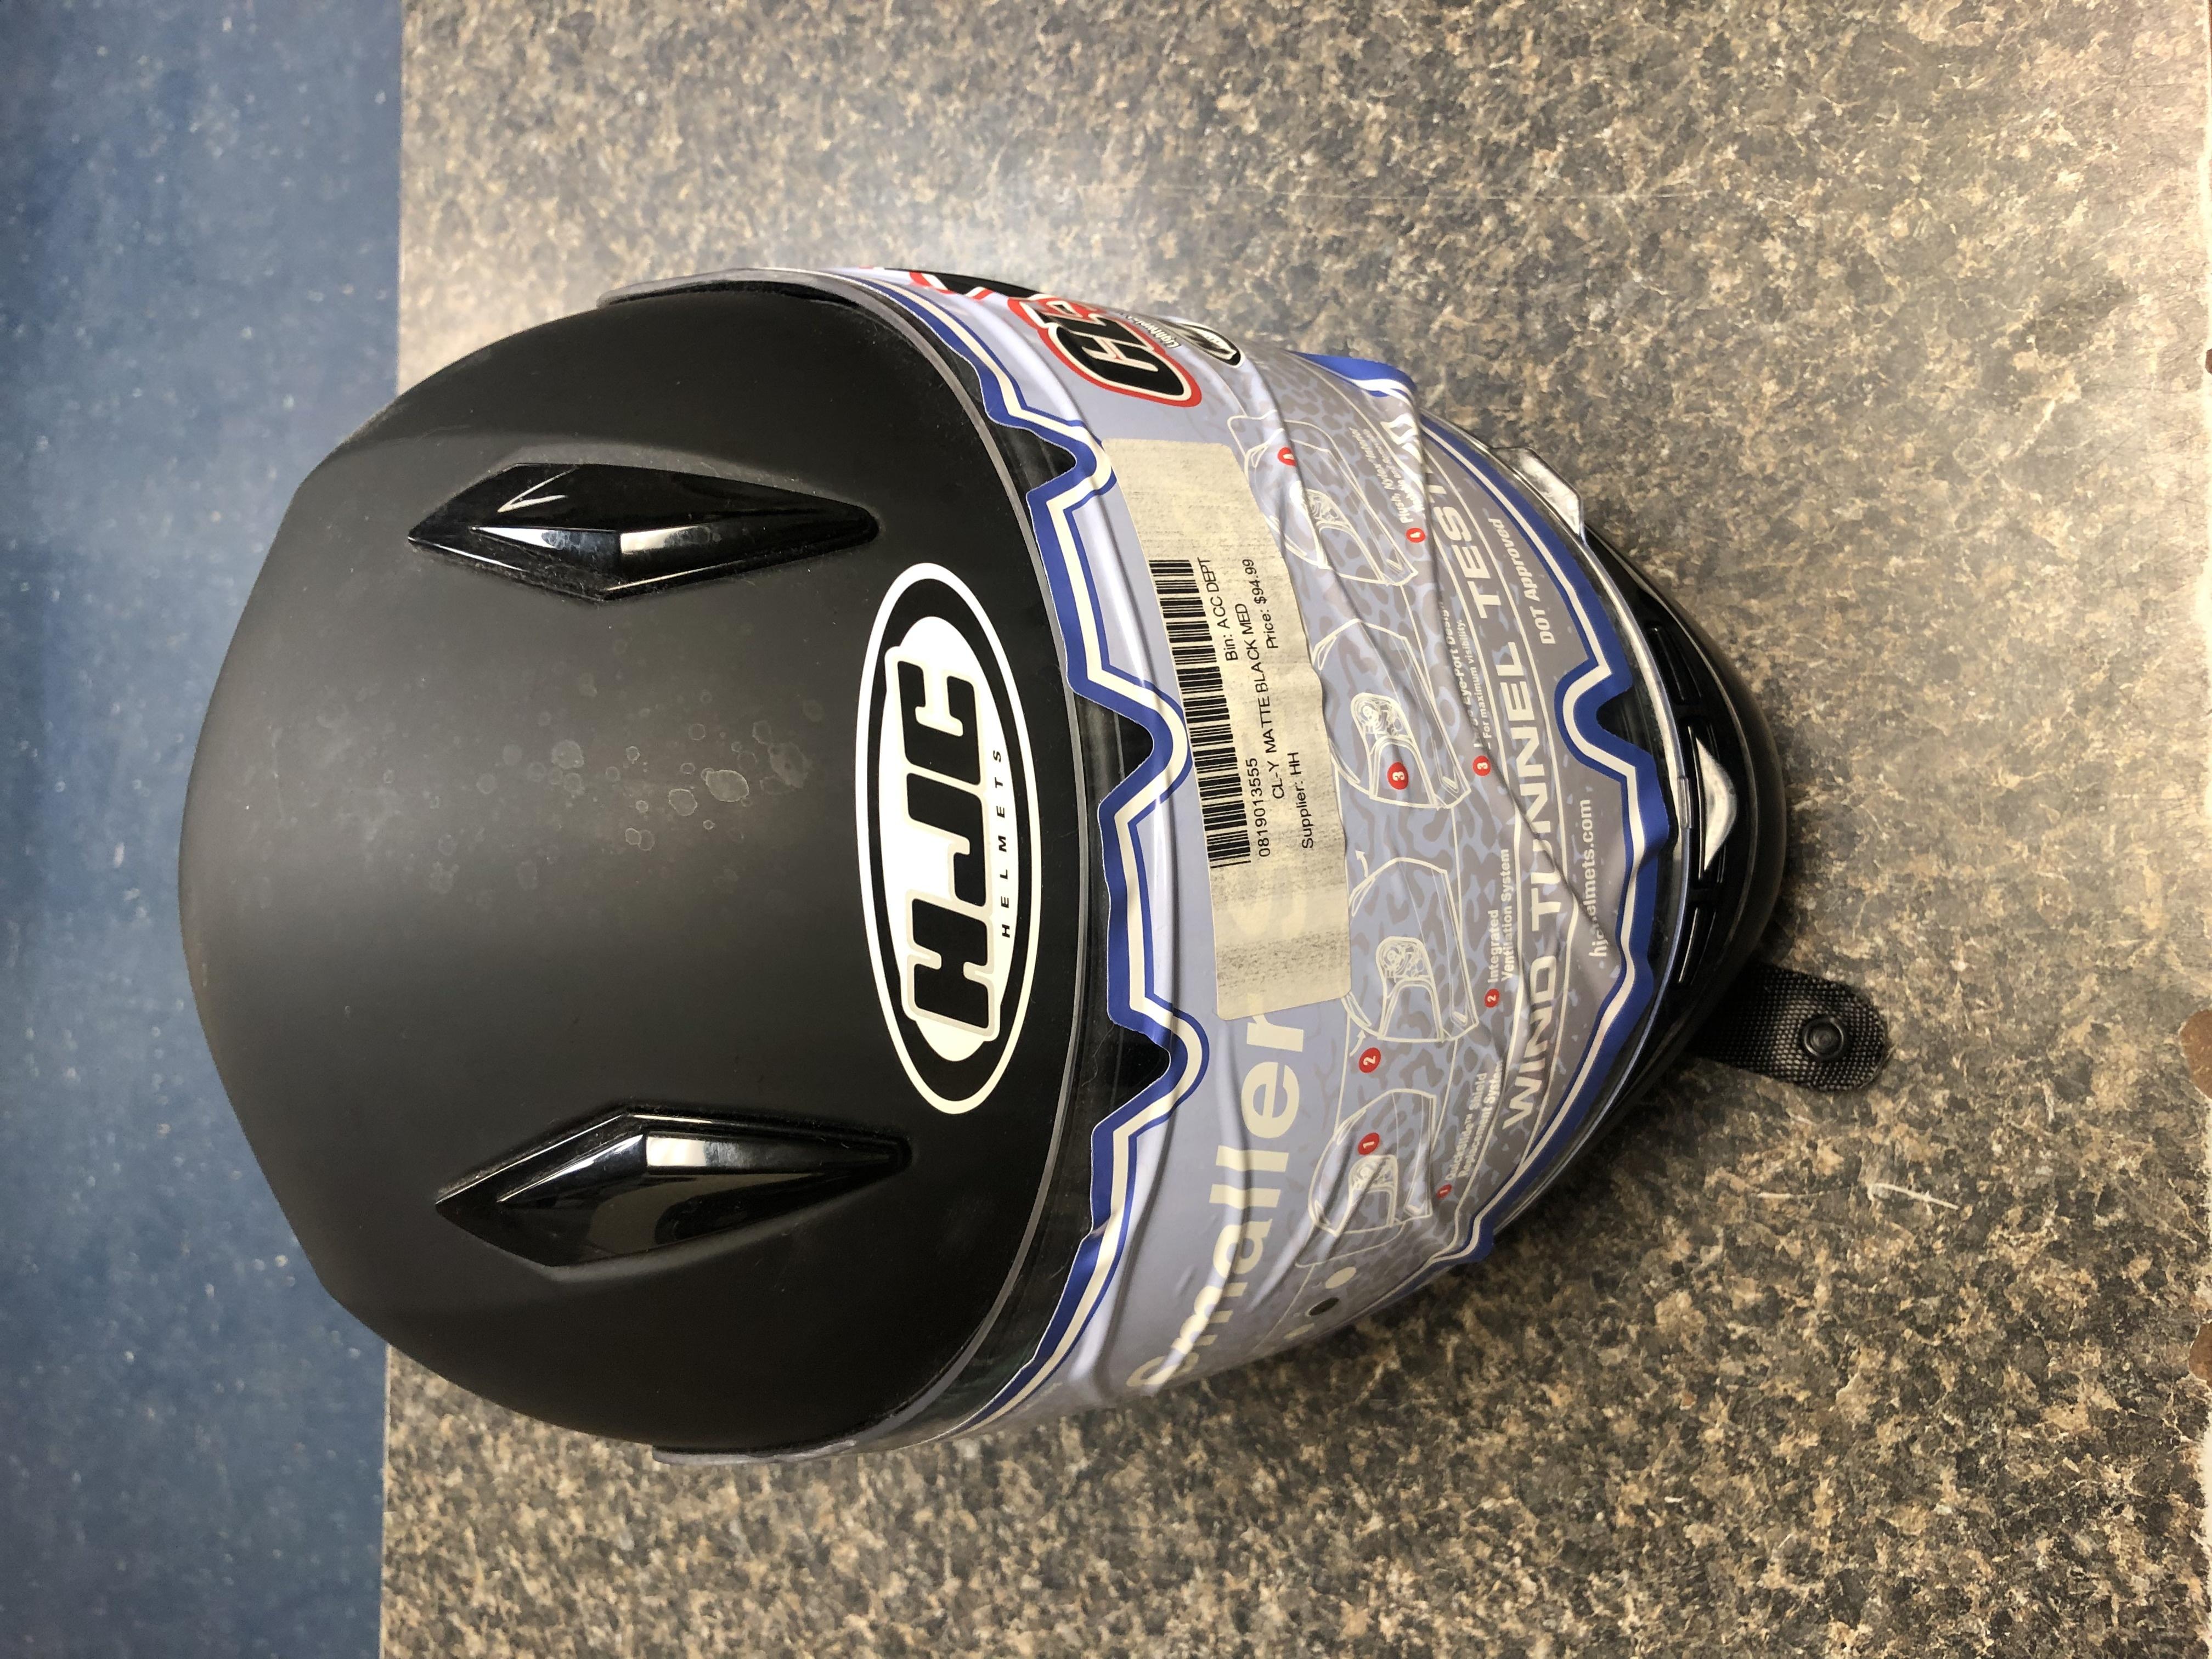 SPORTING EQUIPMENT: HJC - BLACK MOTORCYCLE HELMET SIZE M - CL-Y